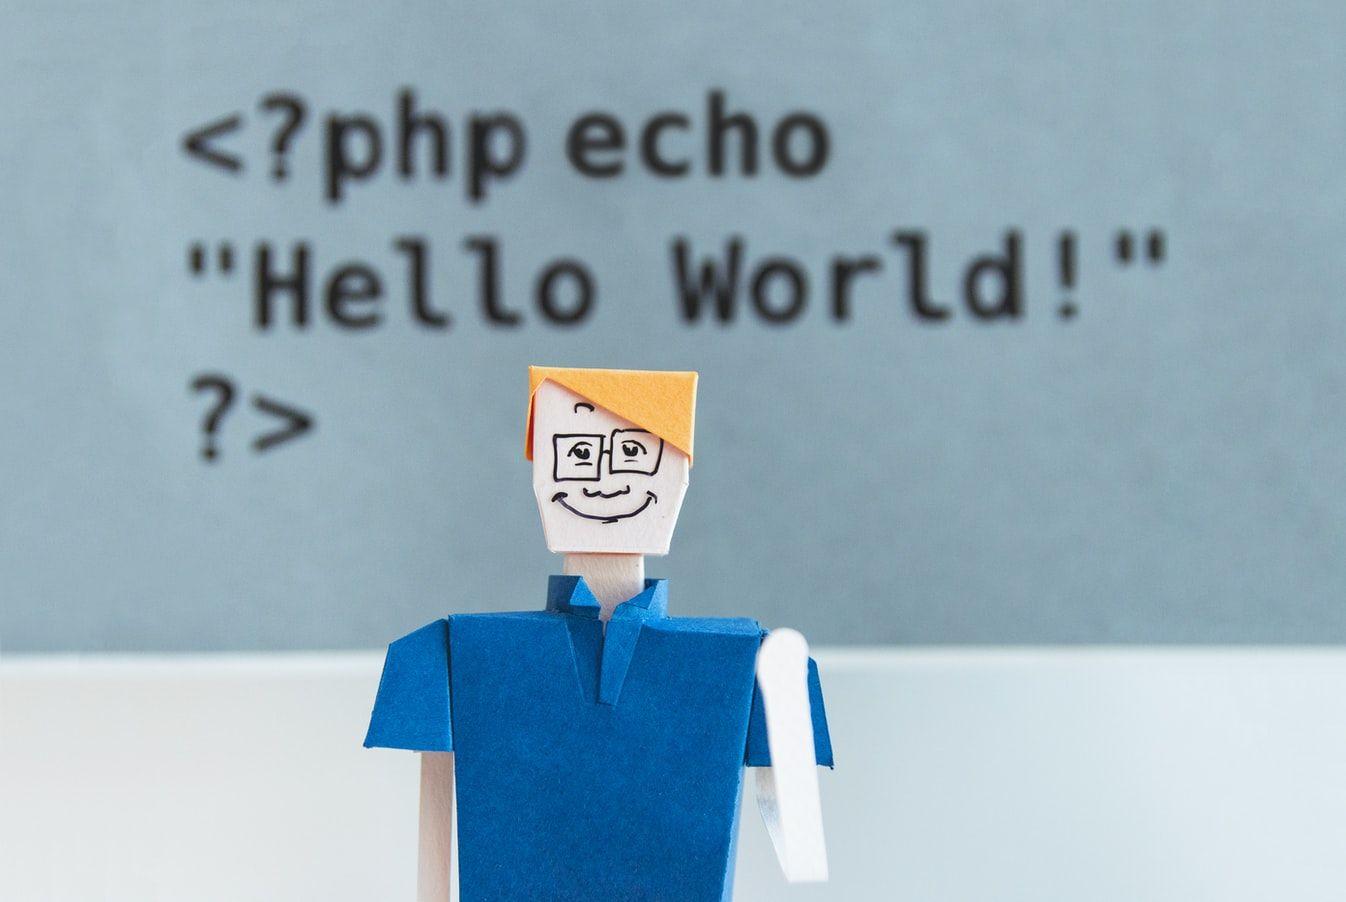 Un extrait de code PHP derrière un bonhome en carton qui sourit